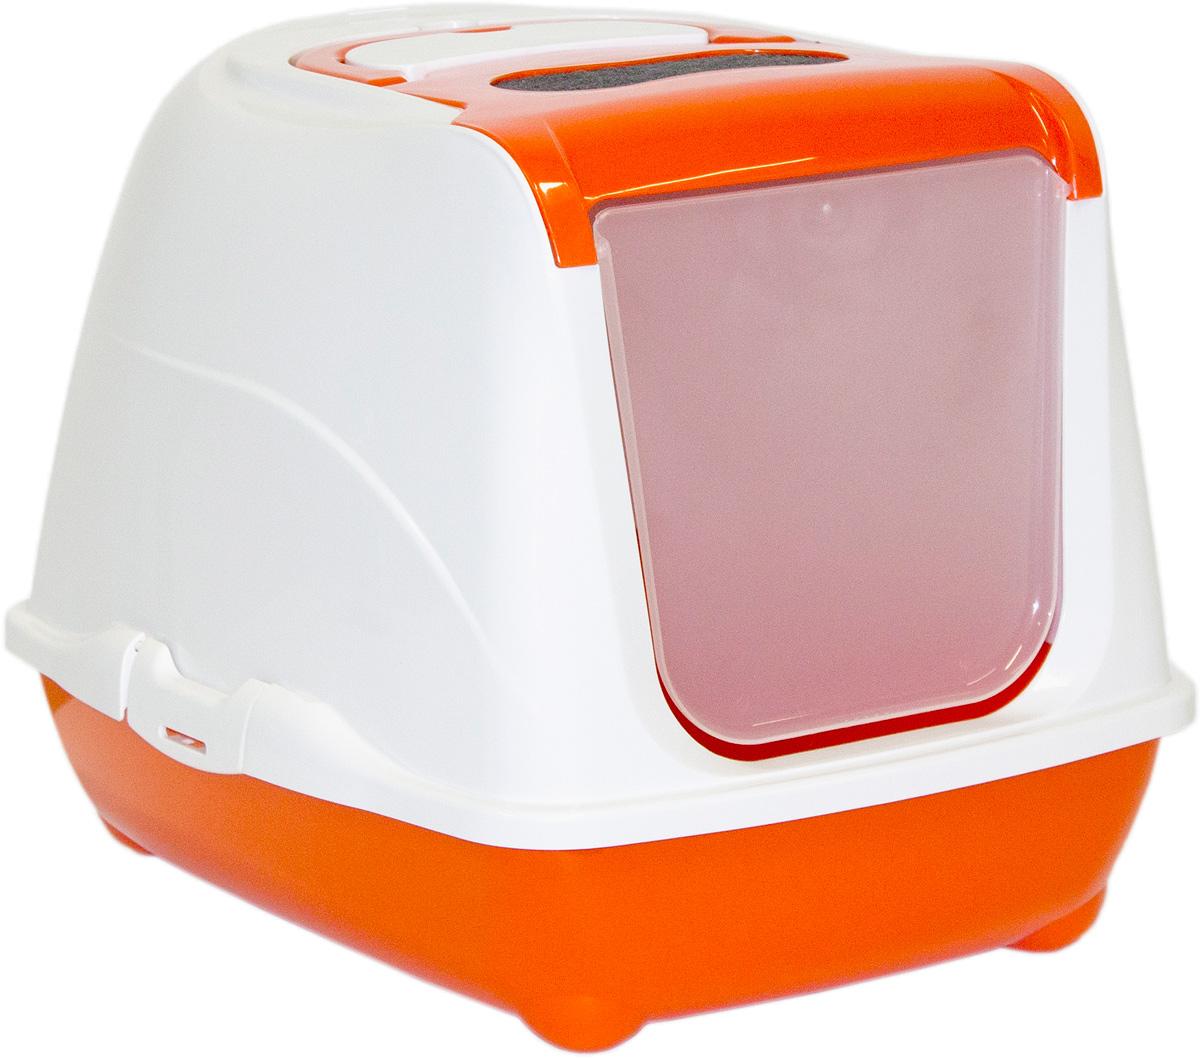 Туалет для кошек Moderna Flip Cat, закрытый, цвет: оранжевый, 39 х 50 х 37 см0120710Закрытый туалет для кошек Flip Cat выполнен из высококачественного пластика. Туалет оснащен прозрачной открывающейся дверцей, сменным фильтром и удобной ручкой для переноски. Такой туалет избавит ваш дом от неприятного запаха и разбросанных повсюду частичек наполнителя. Кошка в таком туалете будет чувствовать себя увереннее, ведь в этом укромном уголке ее никто не увидит. Кроме того, яркий дизайн с легкостью впишется в интерьер вашего дома. Туалет легко открывается для чистки благодаря практичным защелкам по бокам.